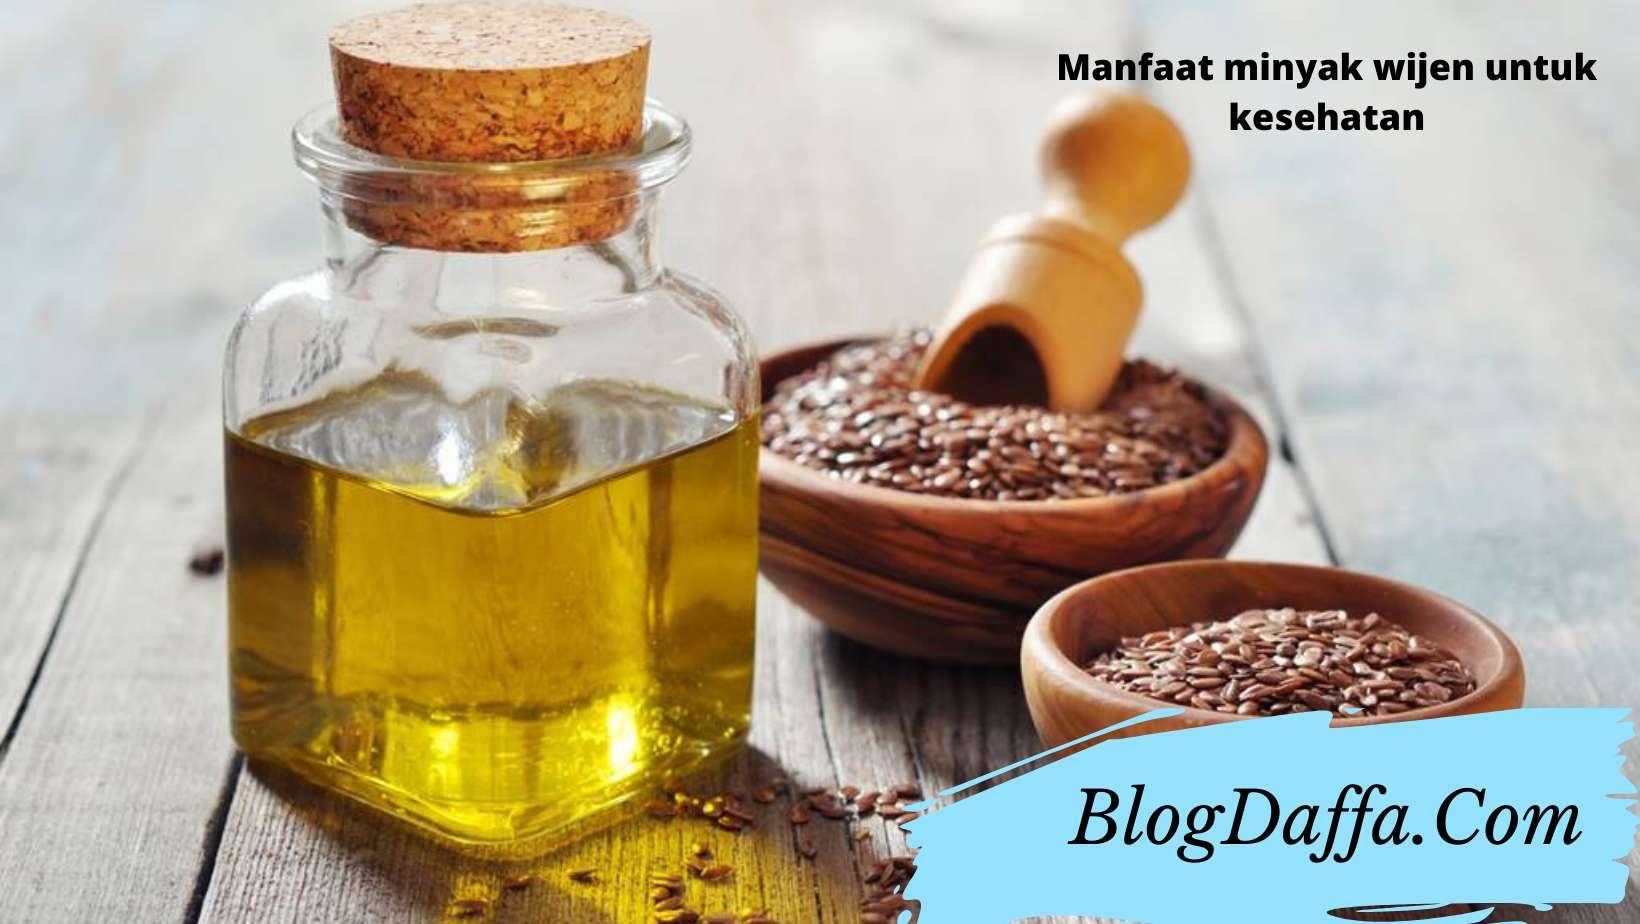 Manfaat minyak wijen untuk kesehatan